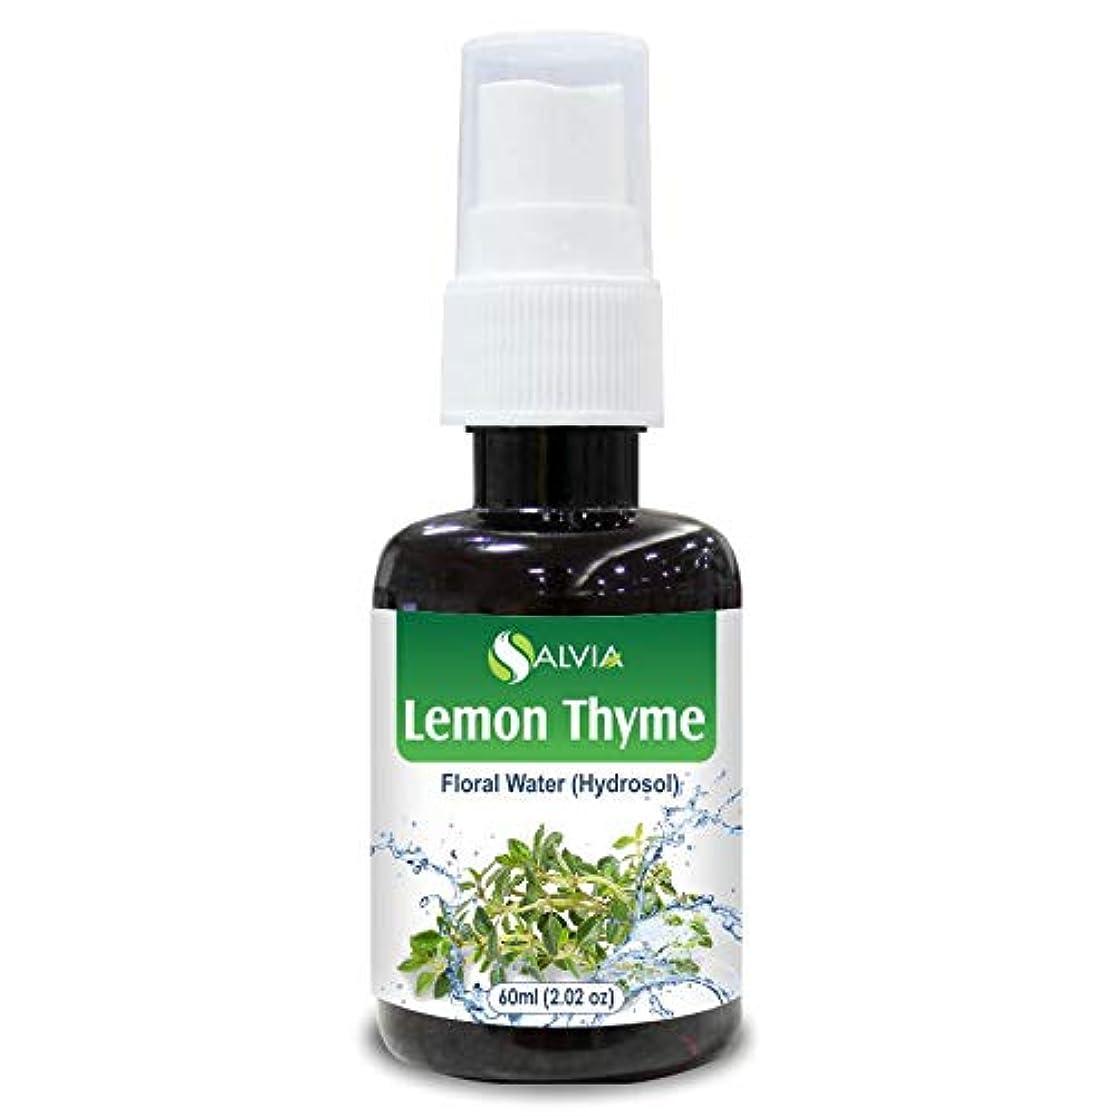 立方体こする学士Lemon Thyme Floral Water 60ml (Hydrosol) 100% Pure And Natural